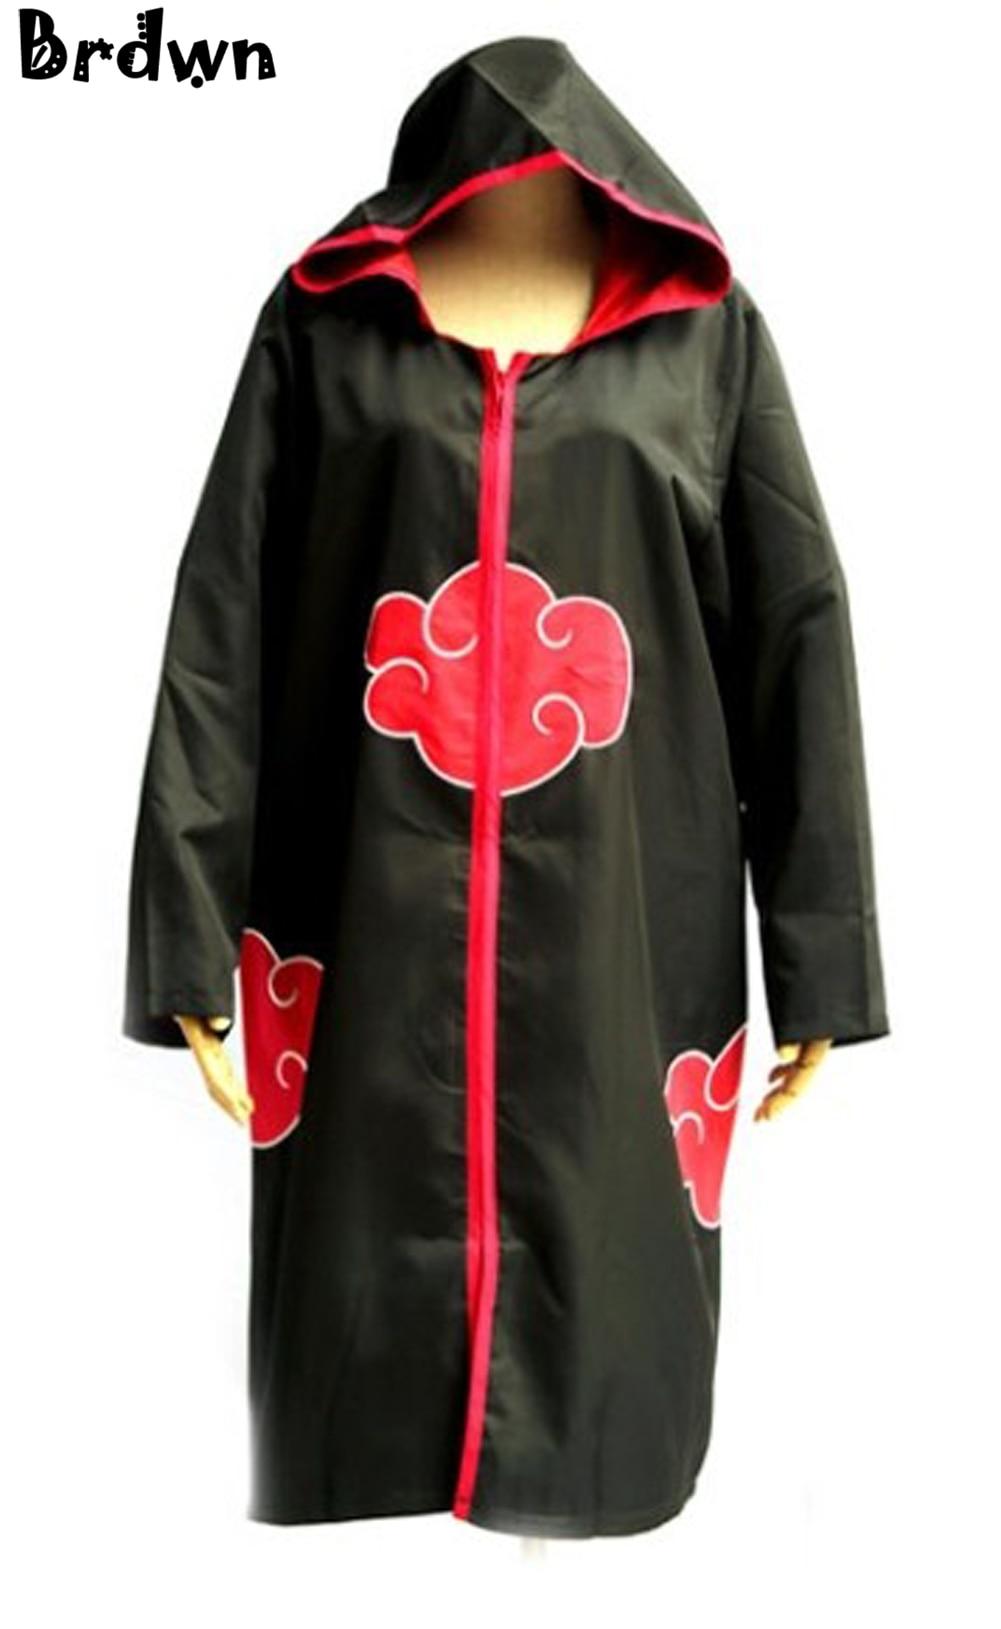 Akatsuki Uchiha Sasuke Cosplay Costume Robe Hooded Cloaks Uniform!【】